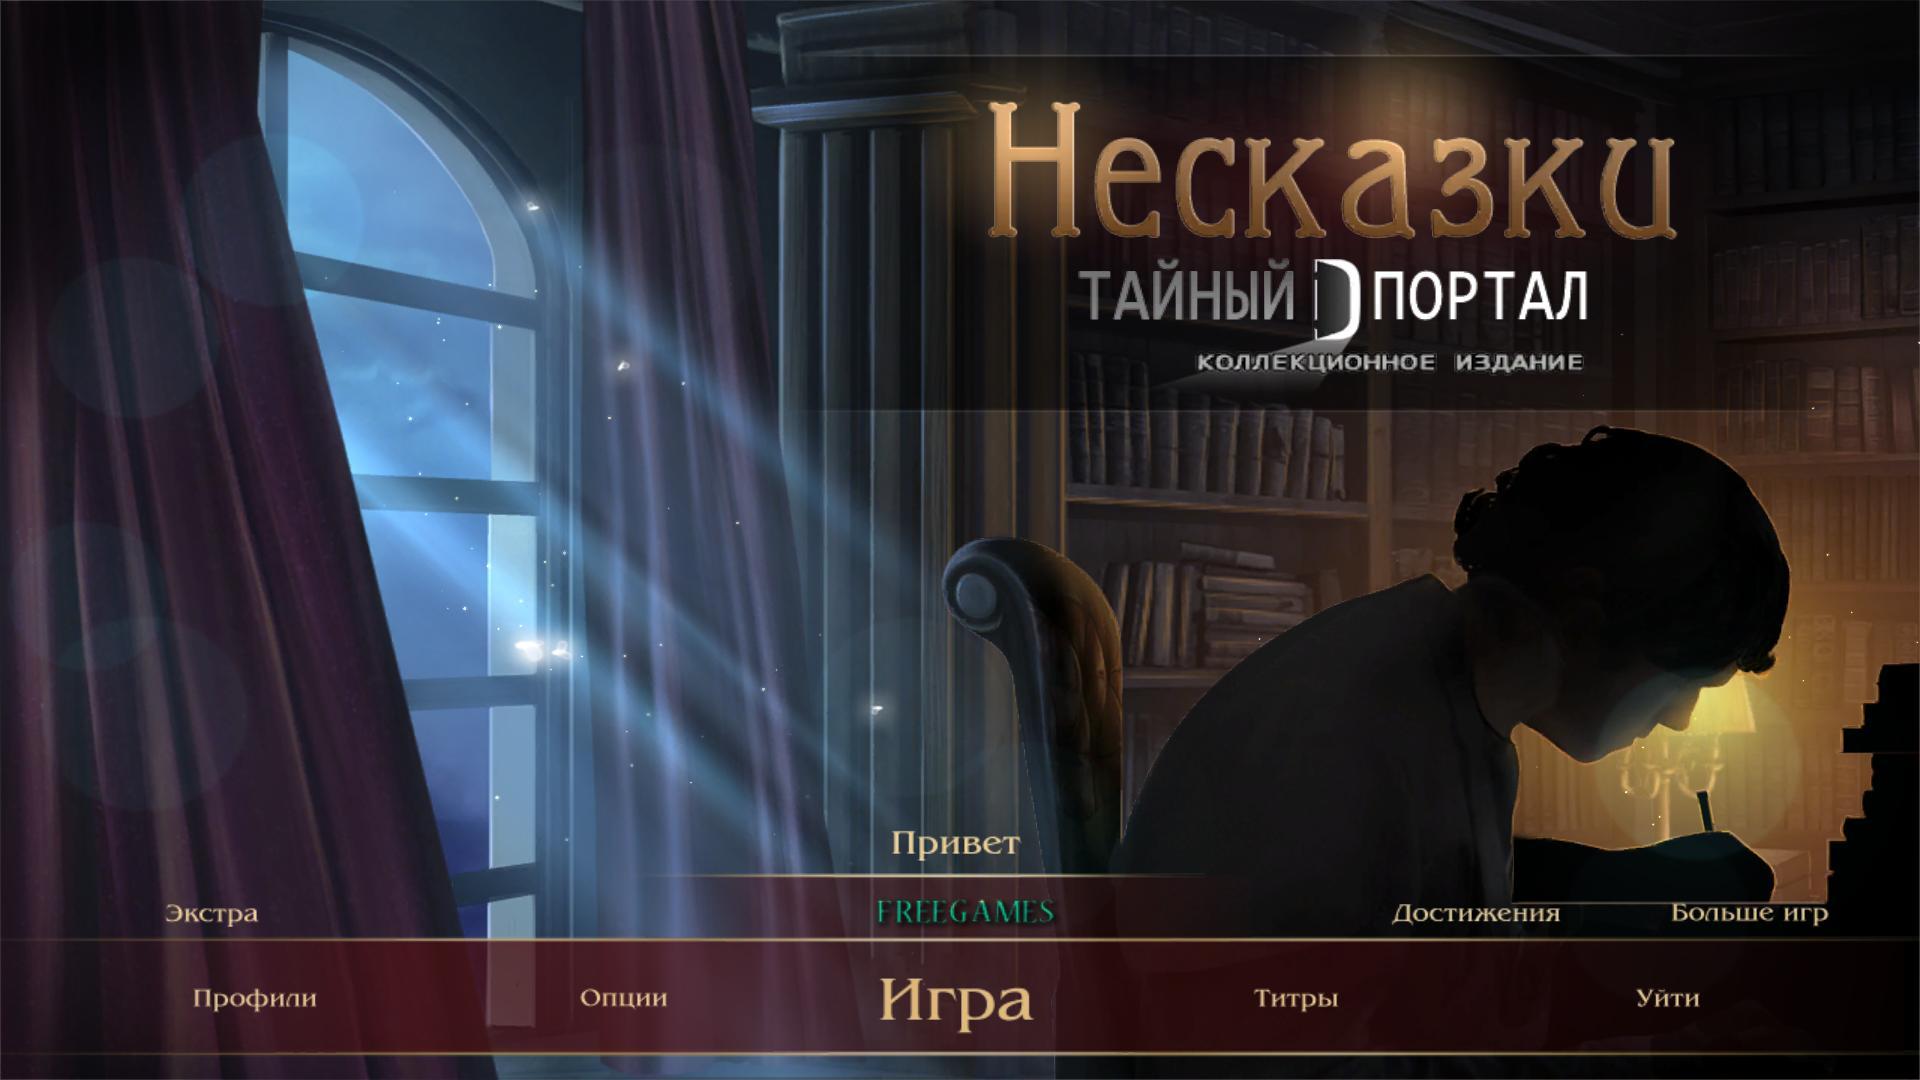 Несказки 5: Тайный Портал. Коллекционное издание | Nevertales 5: Hidden Doorway CE (Rus)